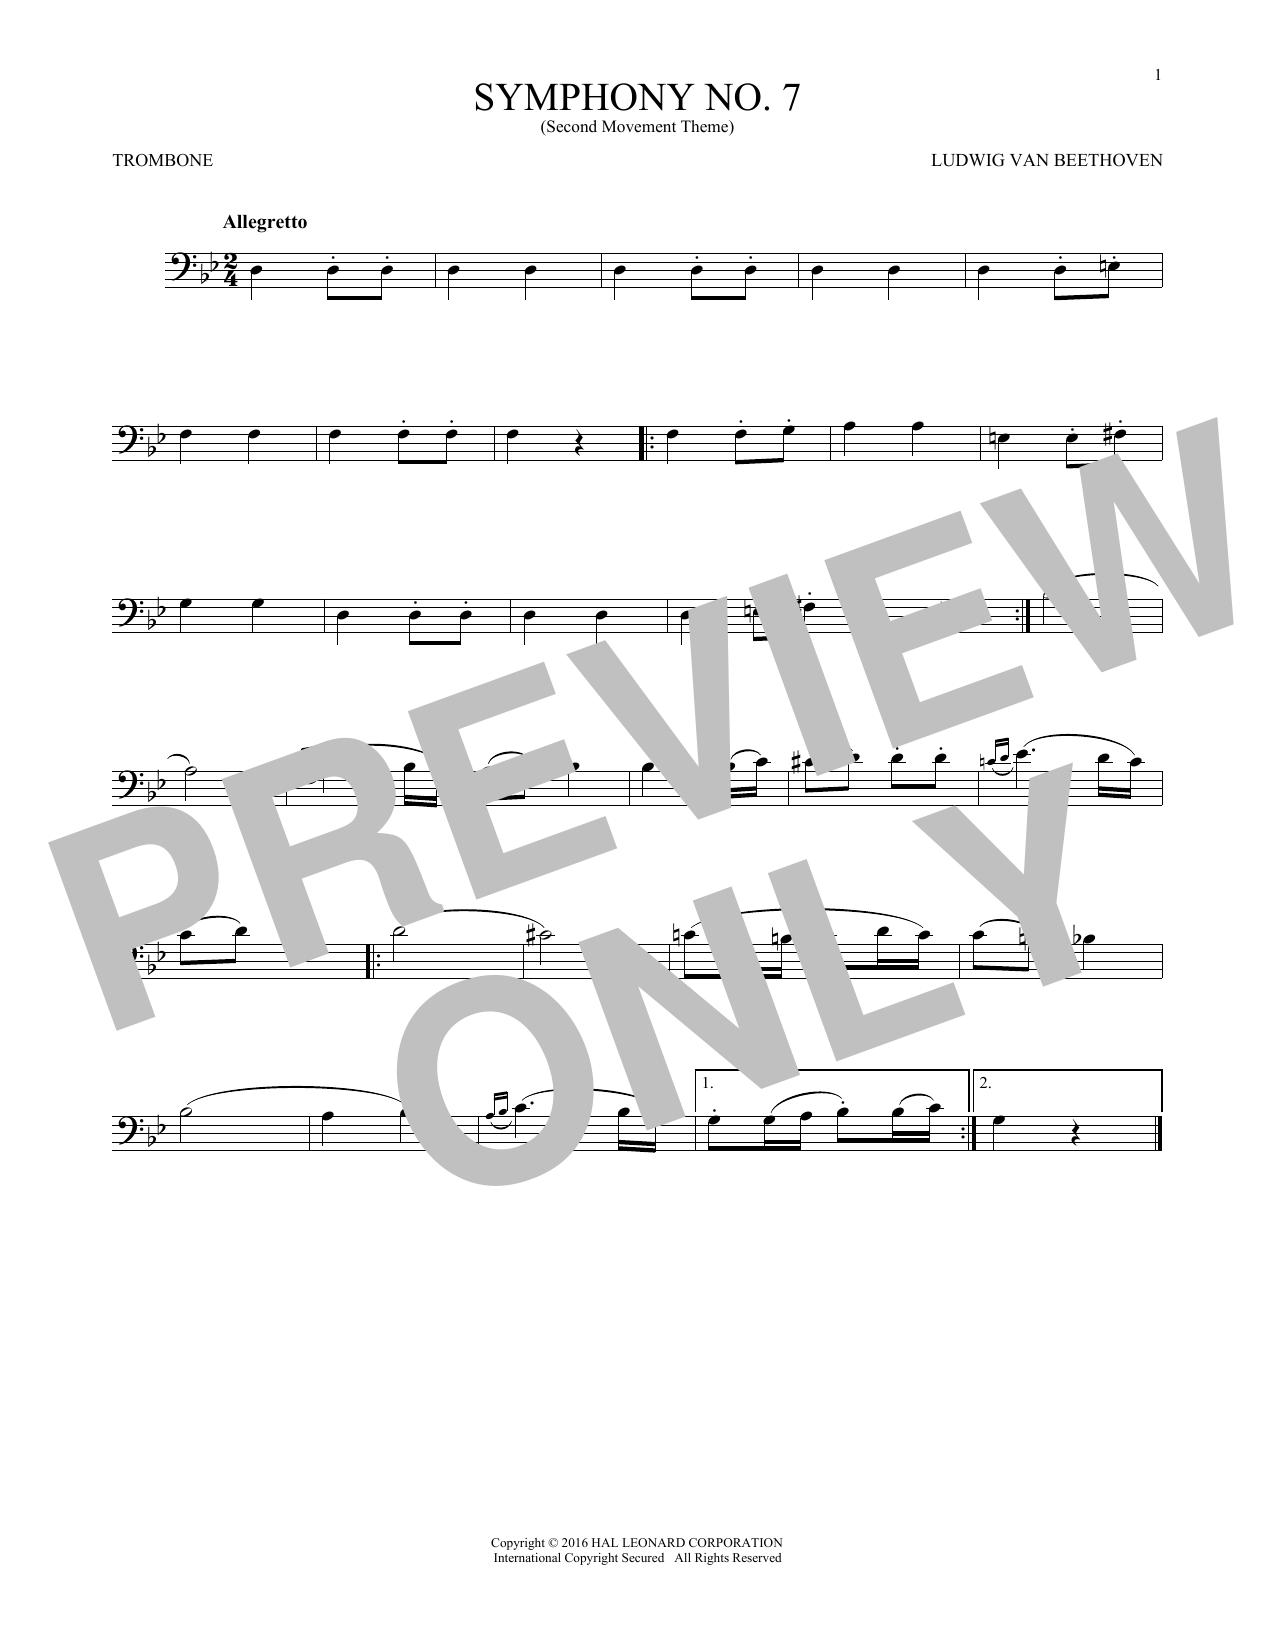 Symphony No. 7 In A Major, Second Movement (Allegretto) (Trombone Solo)